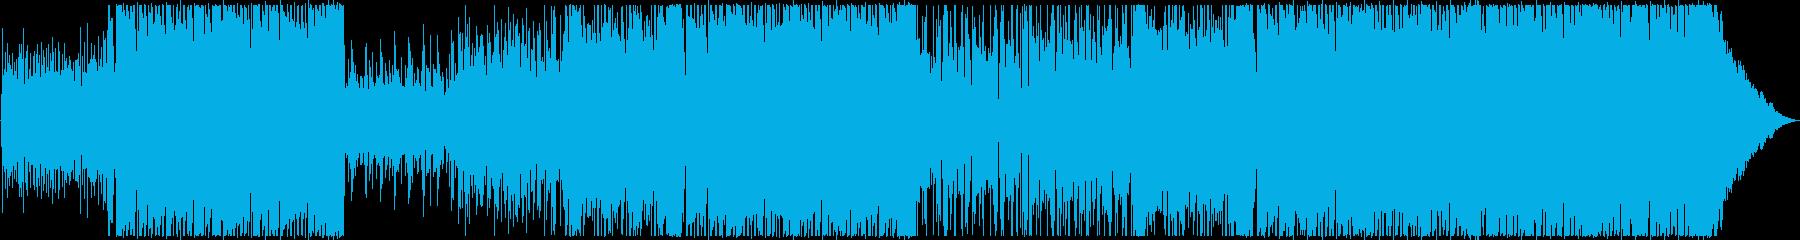 「ベストウェーブ」は、The Sc...の再生済みの波形